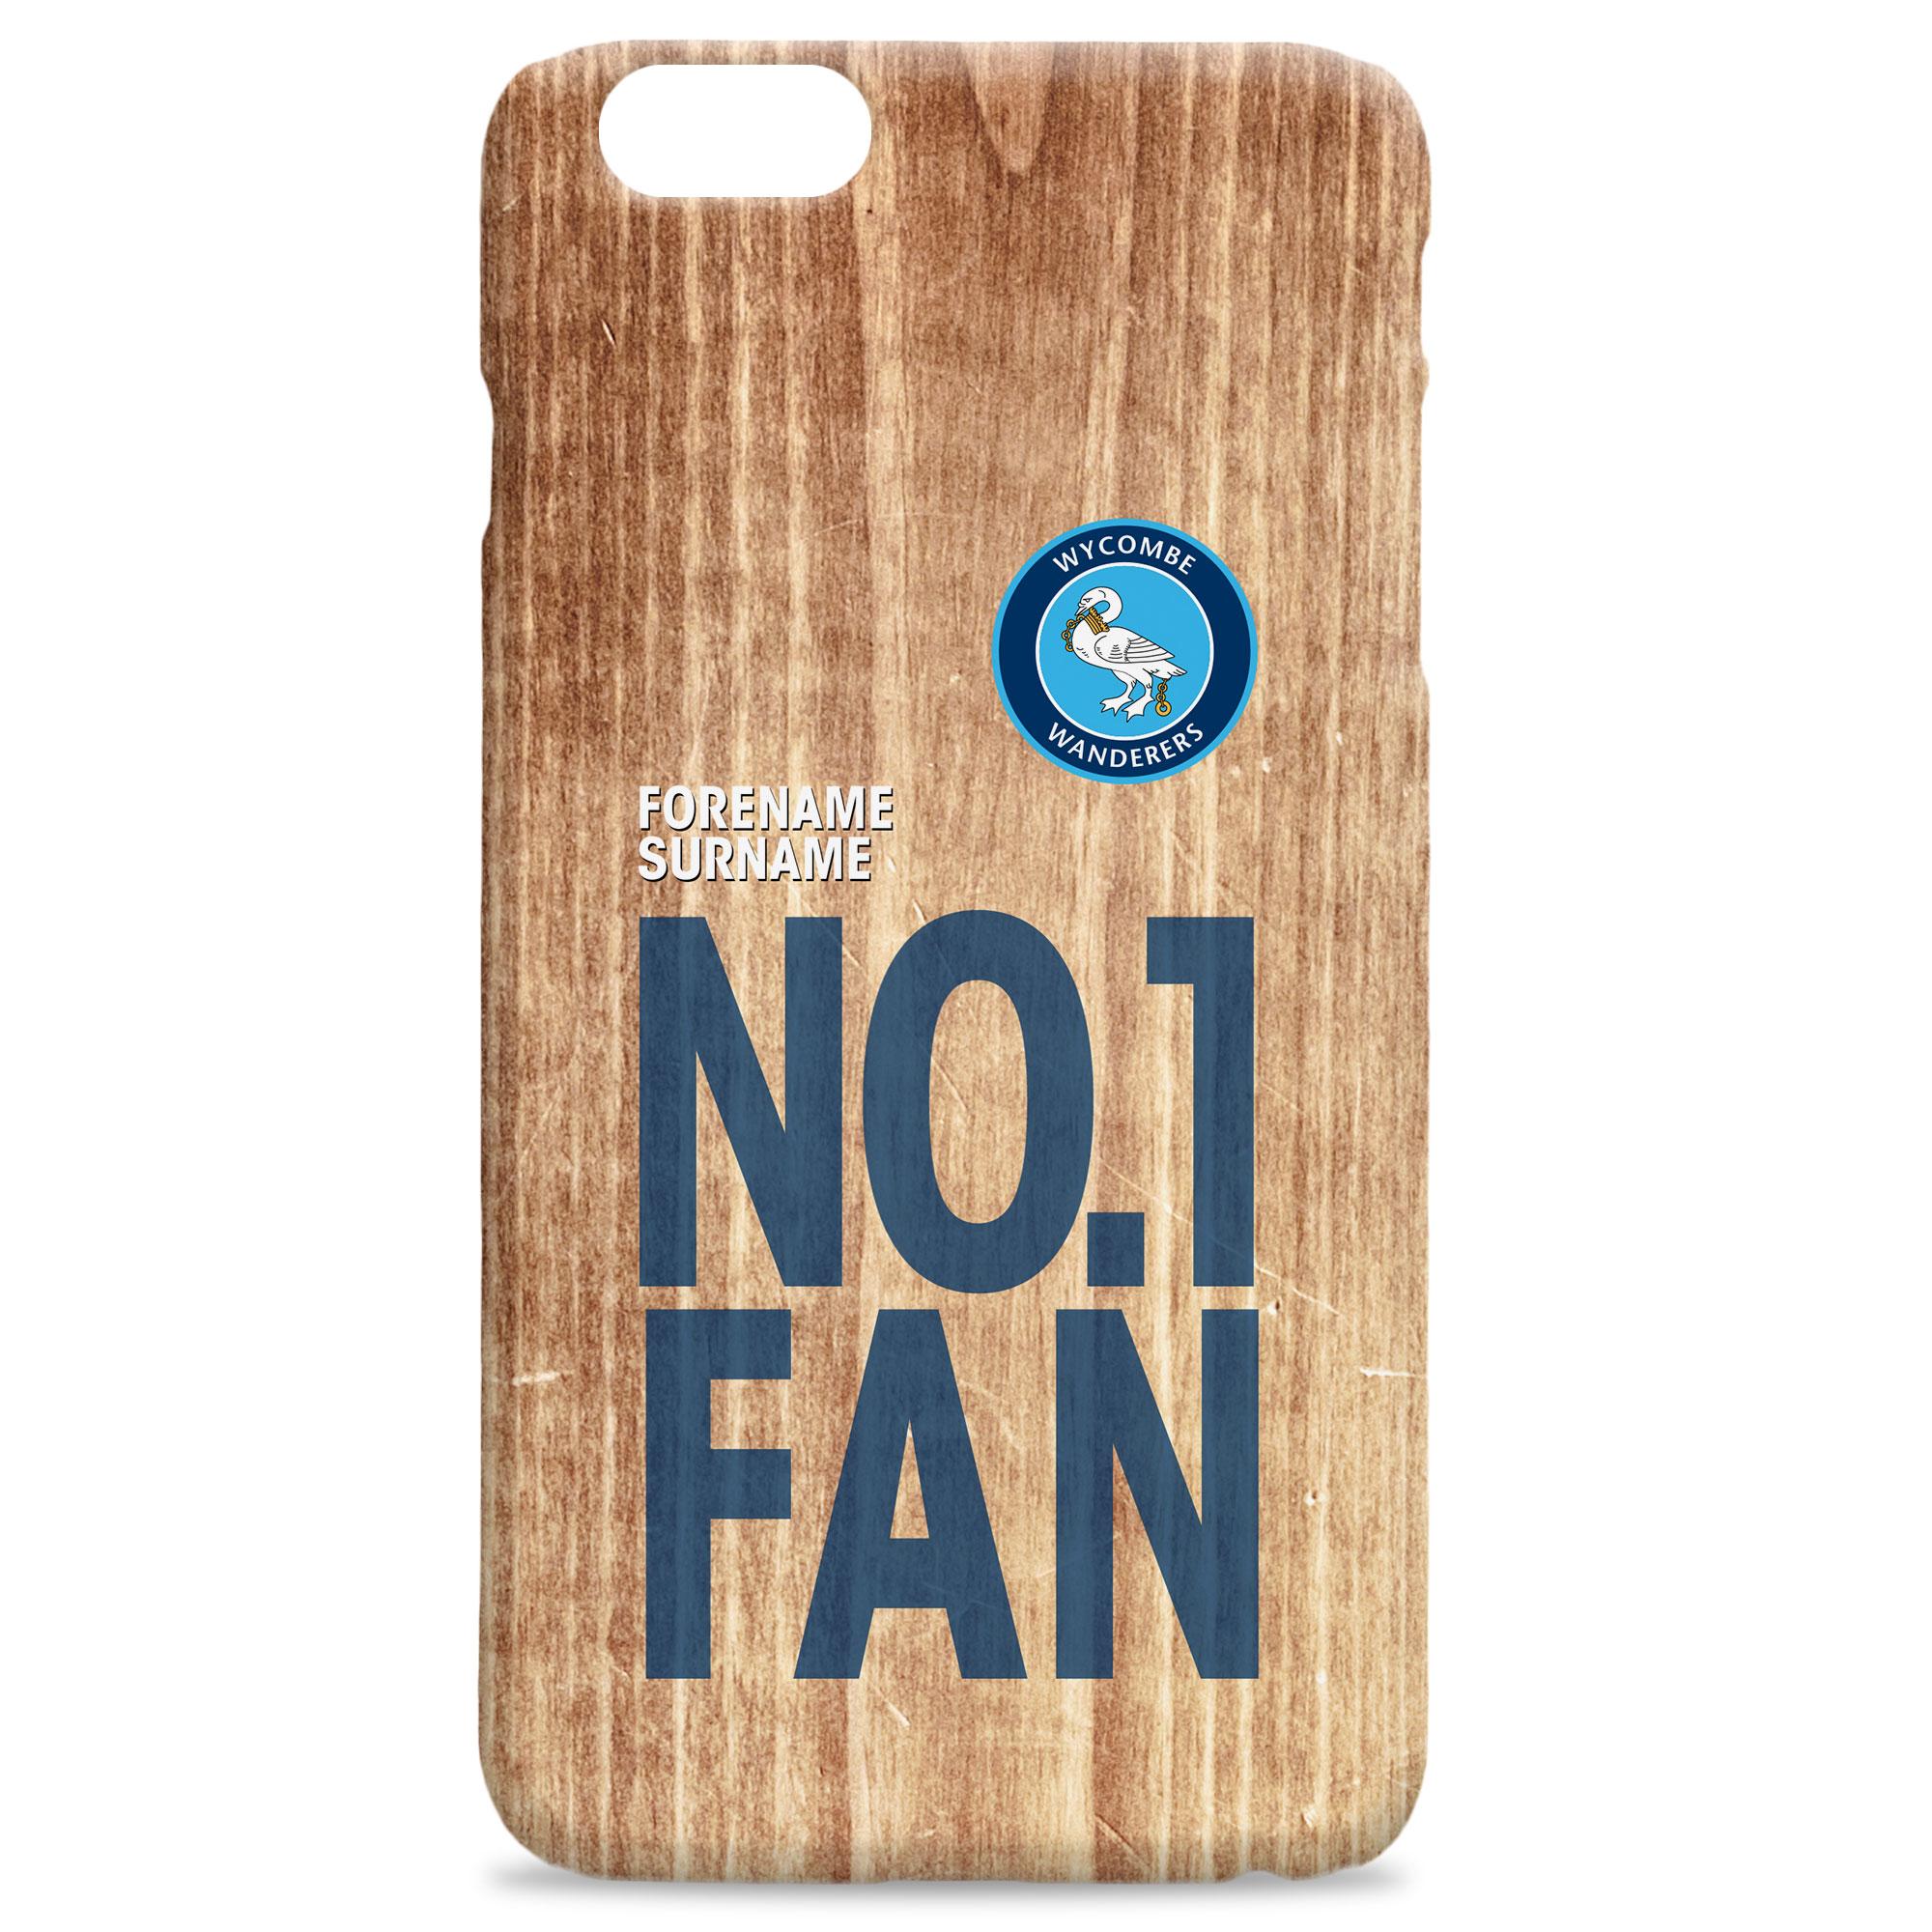 Wycombe Wanderers No 1 Fan Hard Back Phone Case